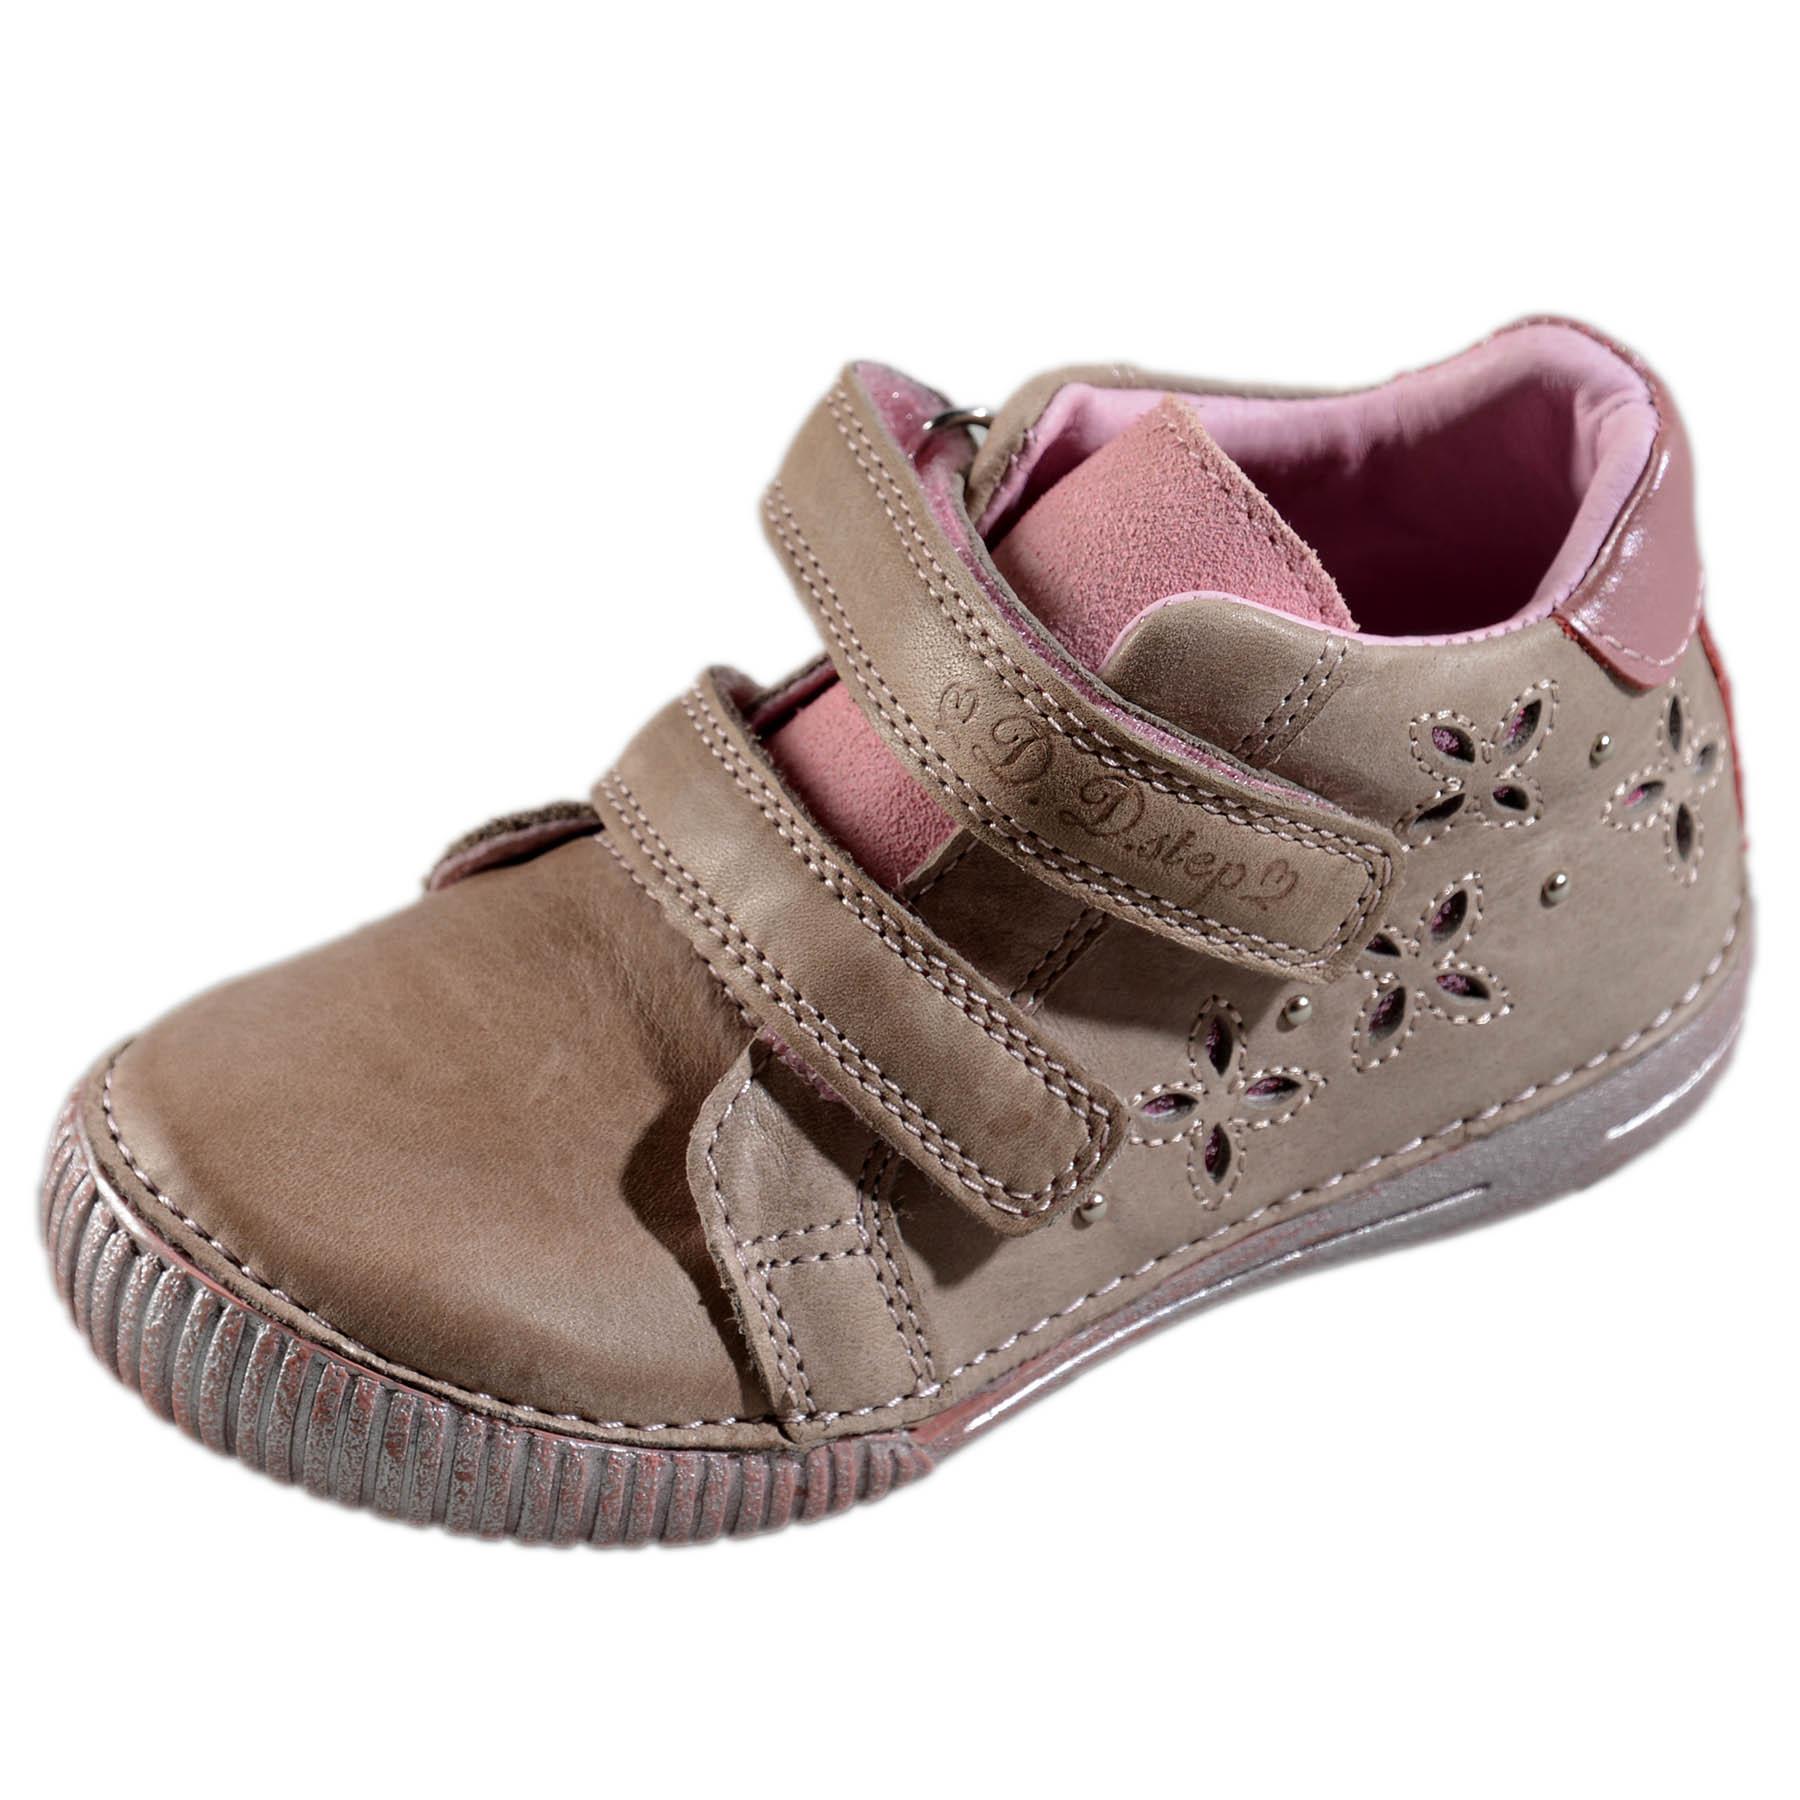 93e7a31261c0 Dievčenské prechodné kožené topánky-Pink DDstep - 036-704M ...